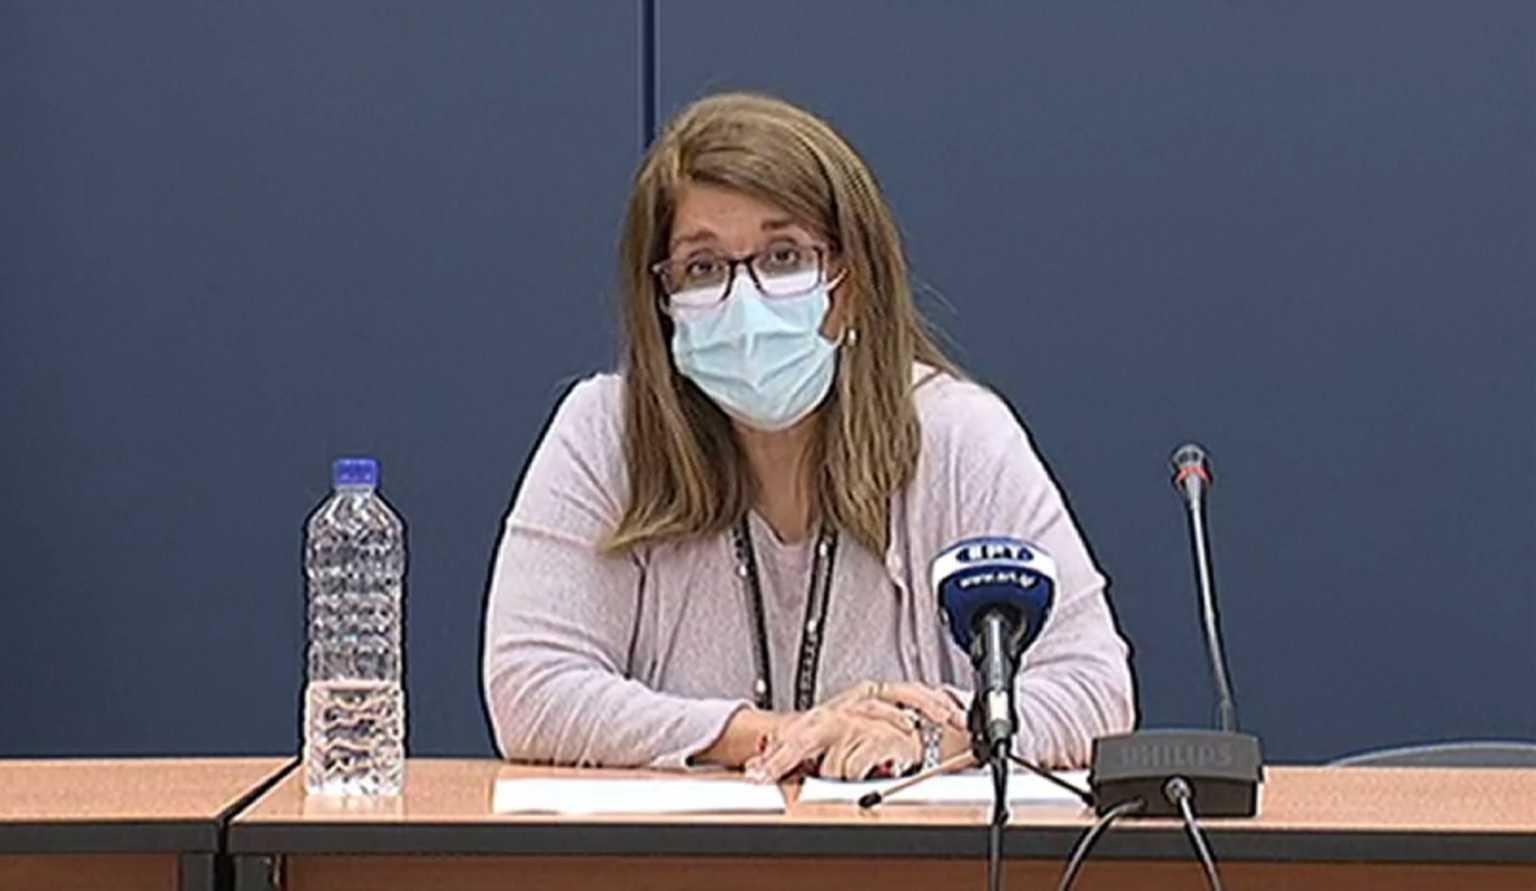 Κορονοϊός: Με… κακά μαντάτα η Παπαευαγγέλου στην πρώτη της ενημέρωση (video)